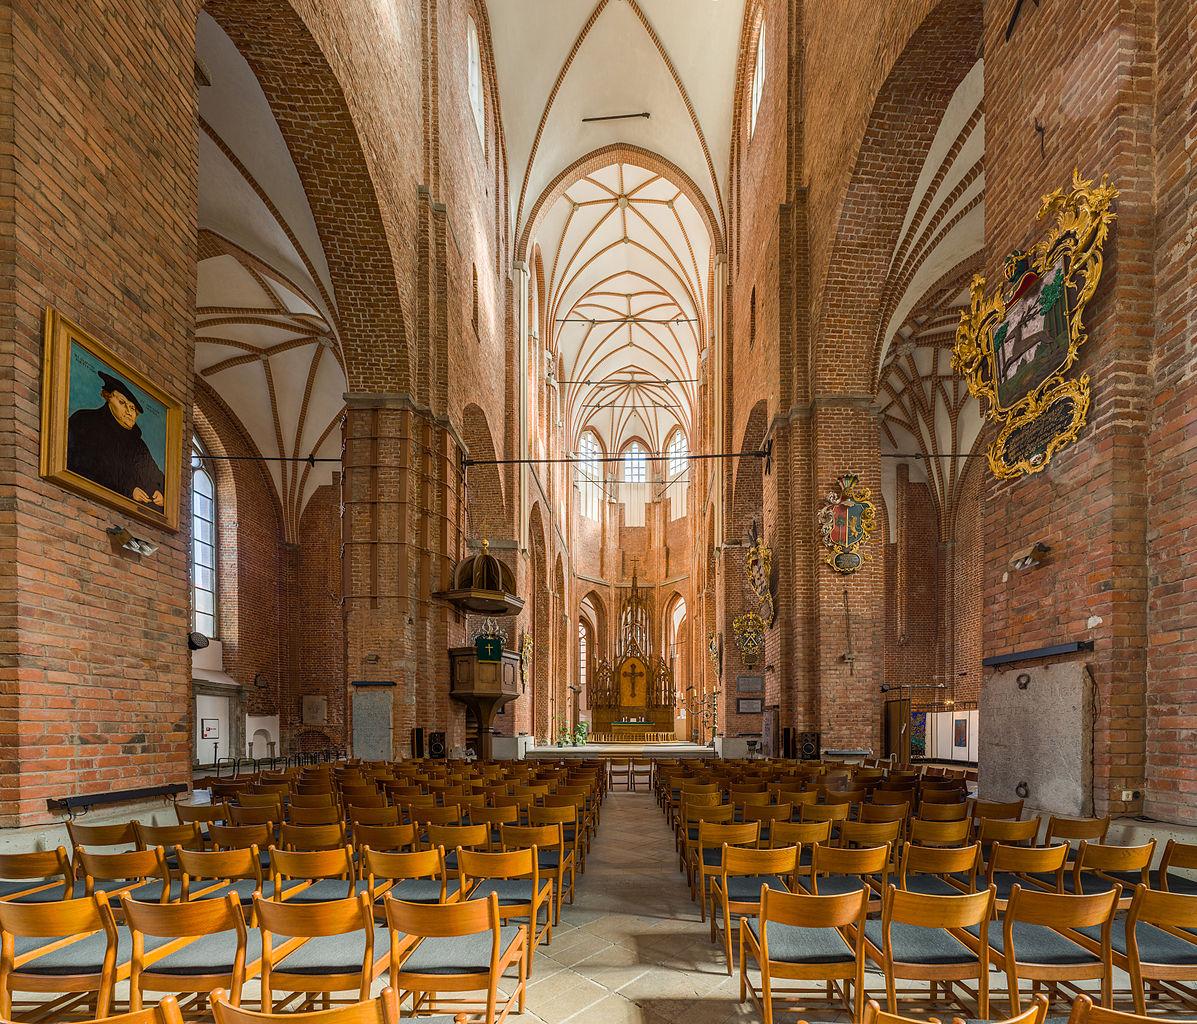 Церковь Святого Петра в Риге, интерьер